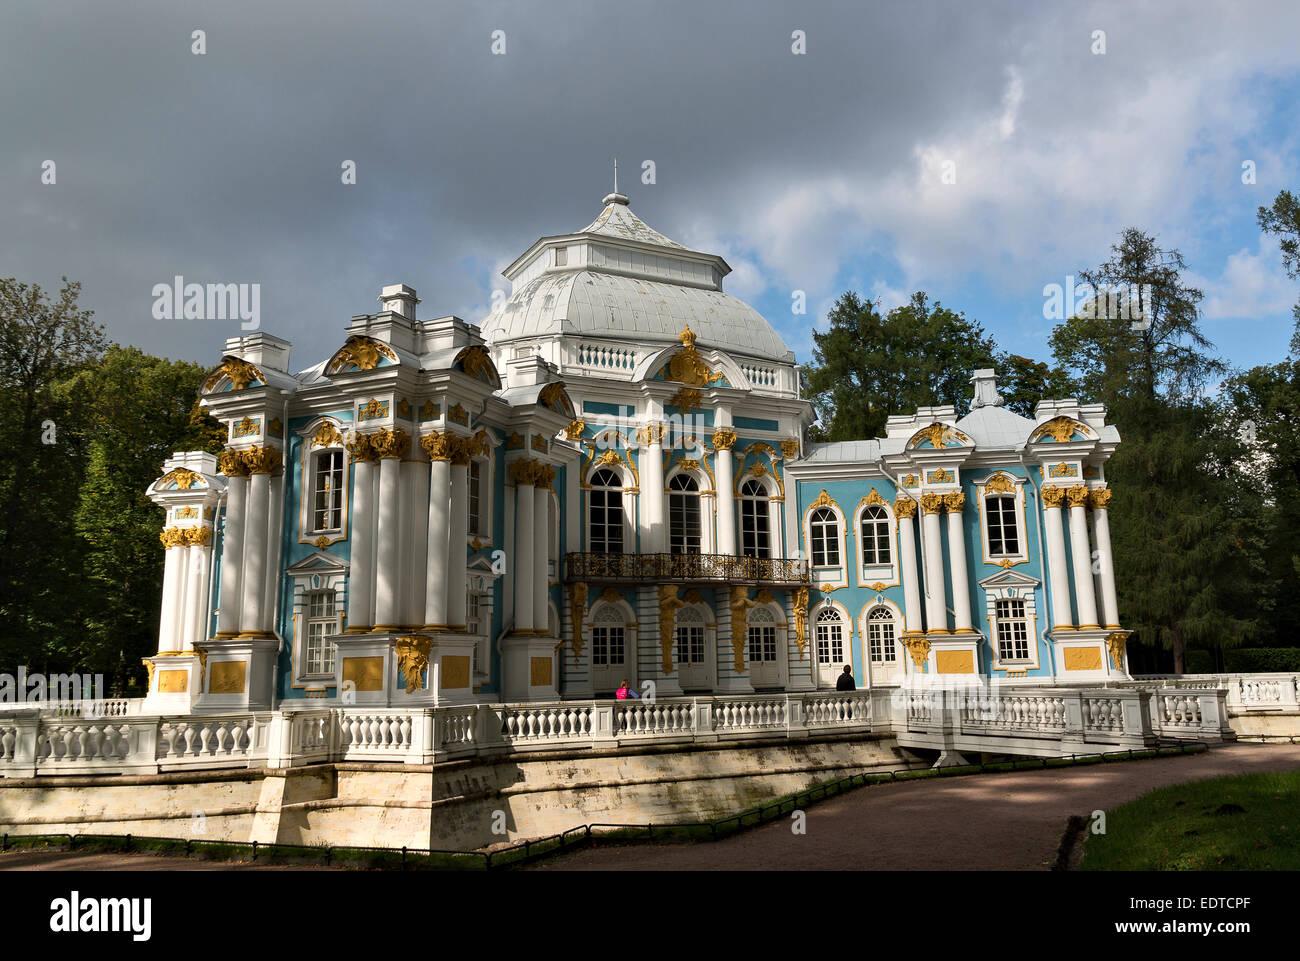 Hermitage in Tsarskoye Selo, Russia - Stock Image